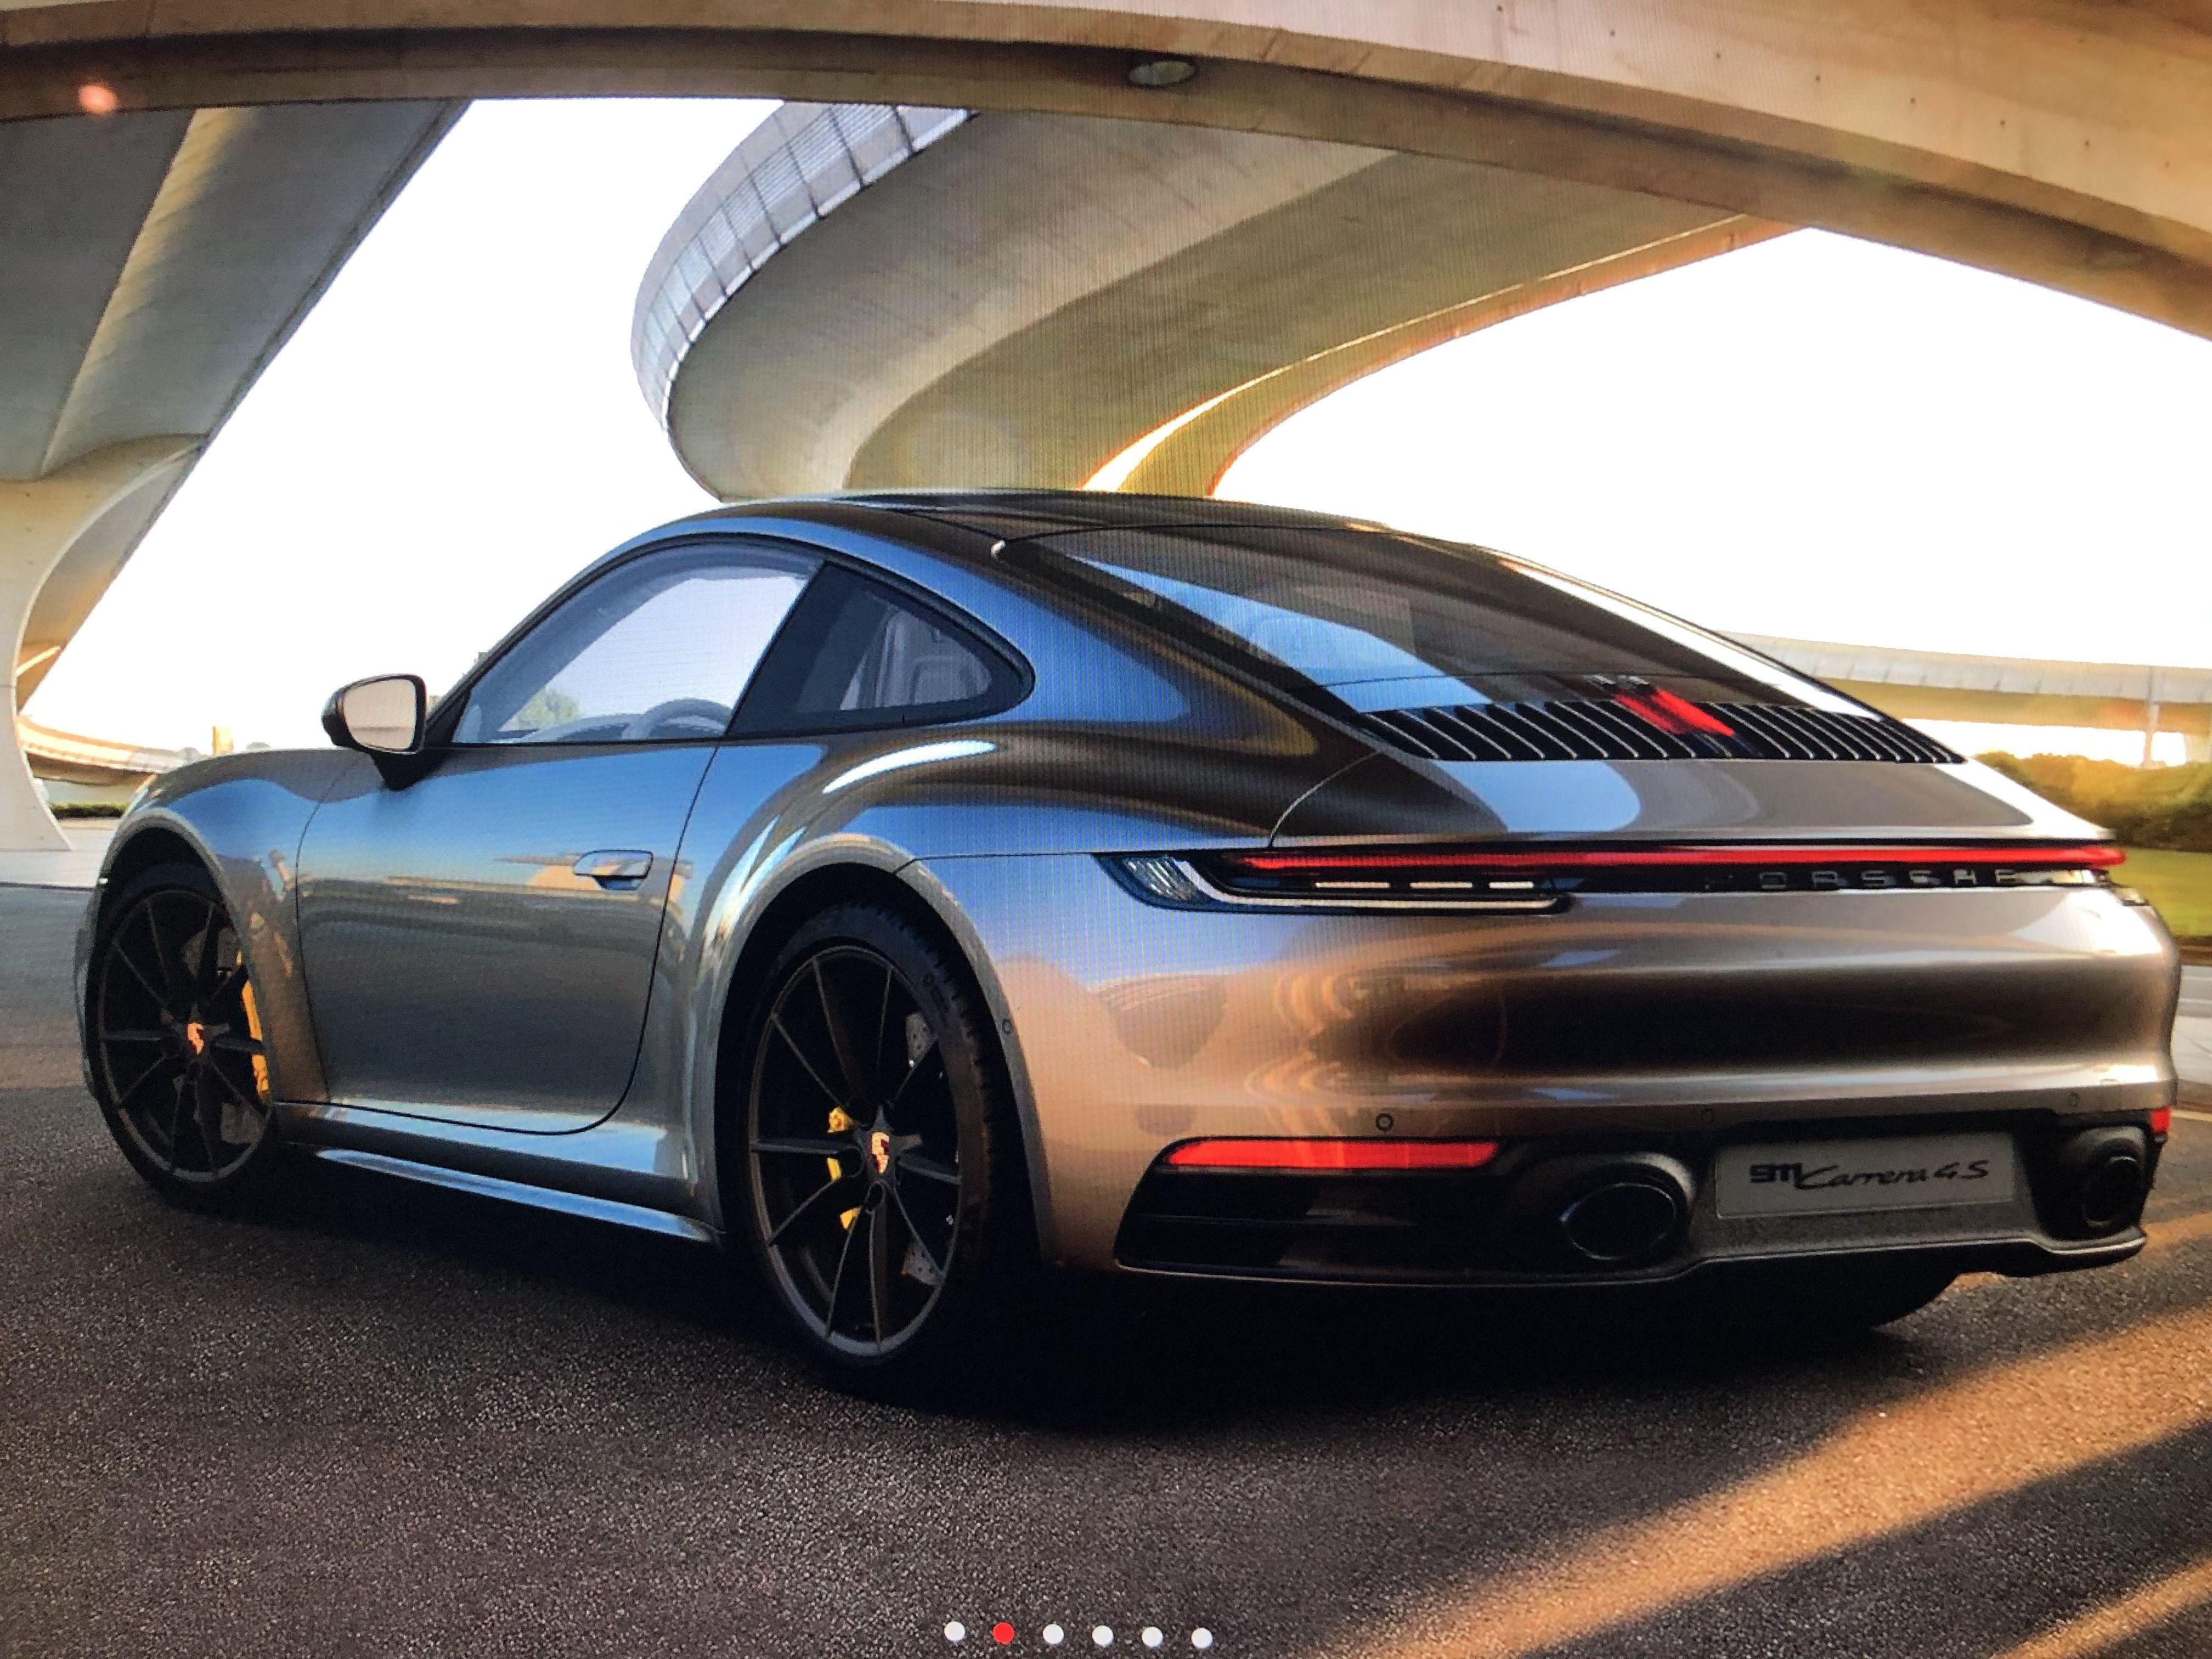 991 992 Carrera 4s Porsche Carros Auto